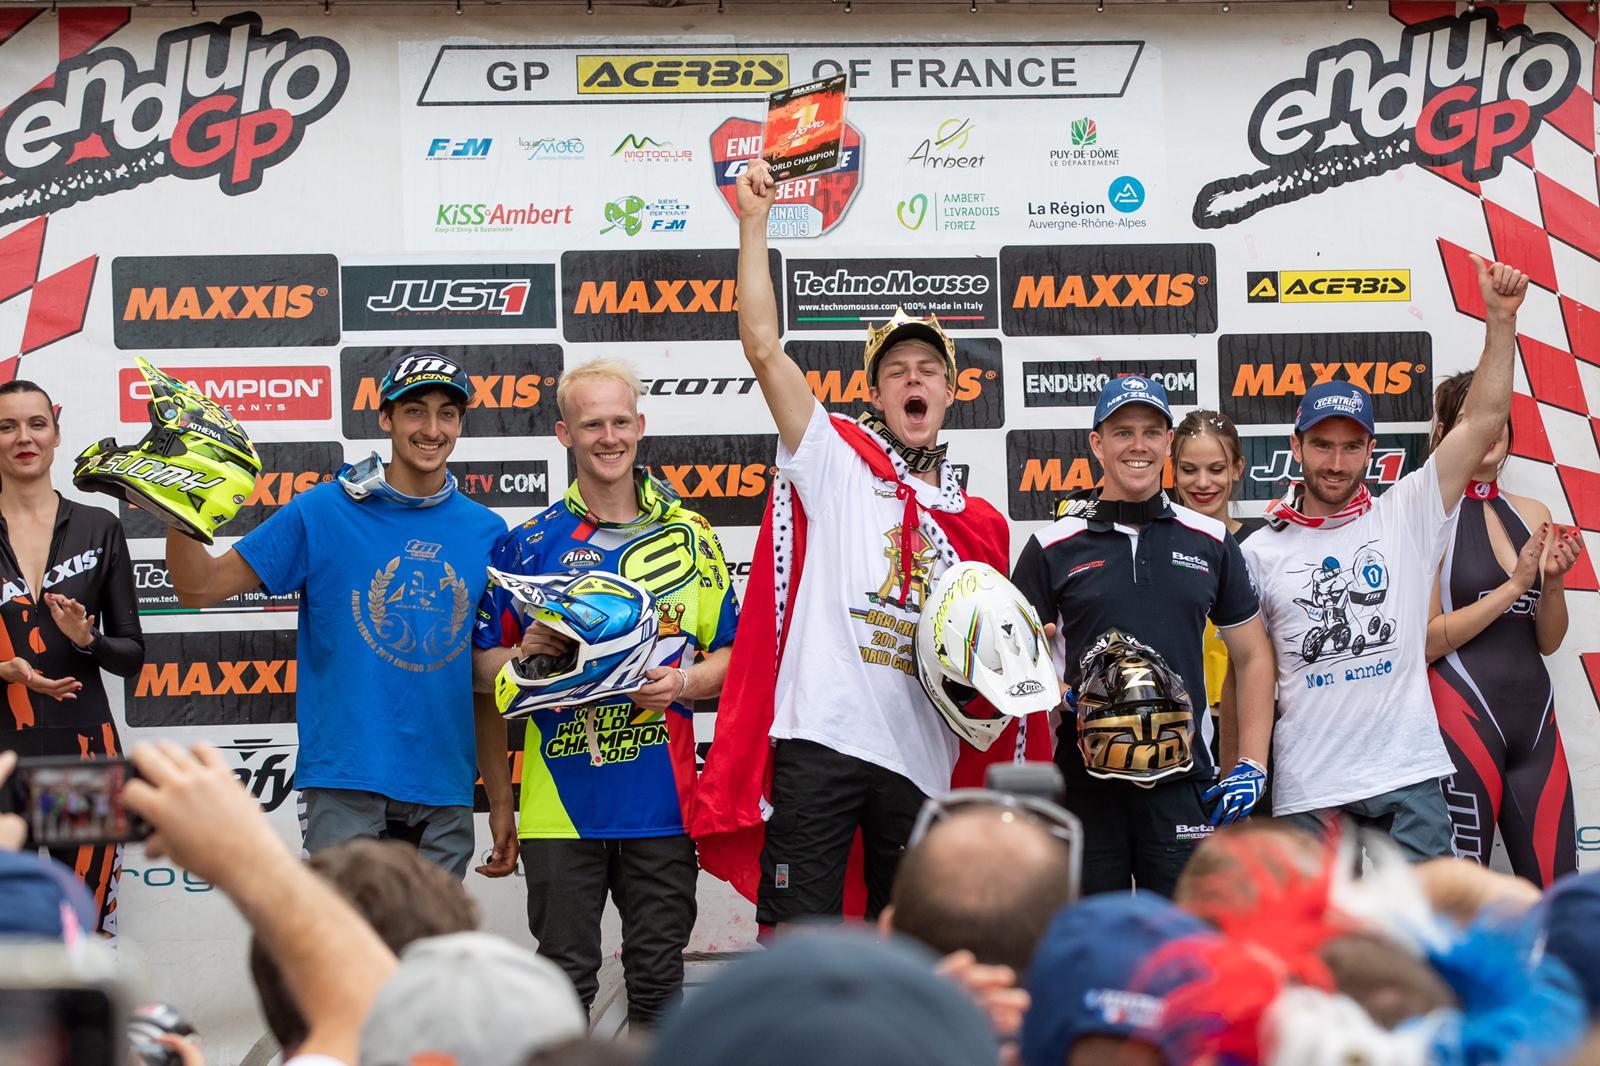 A Sherco csapat Amertben járt, a 2019-es Enduro GP utolsó versenyén (9)